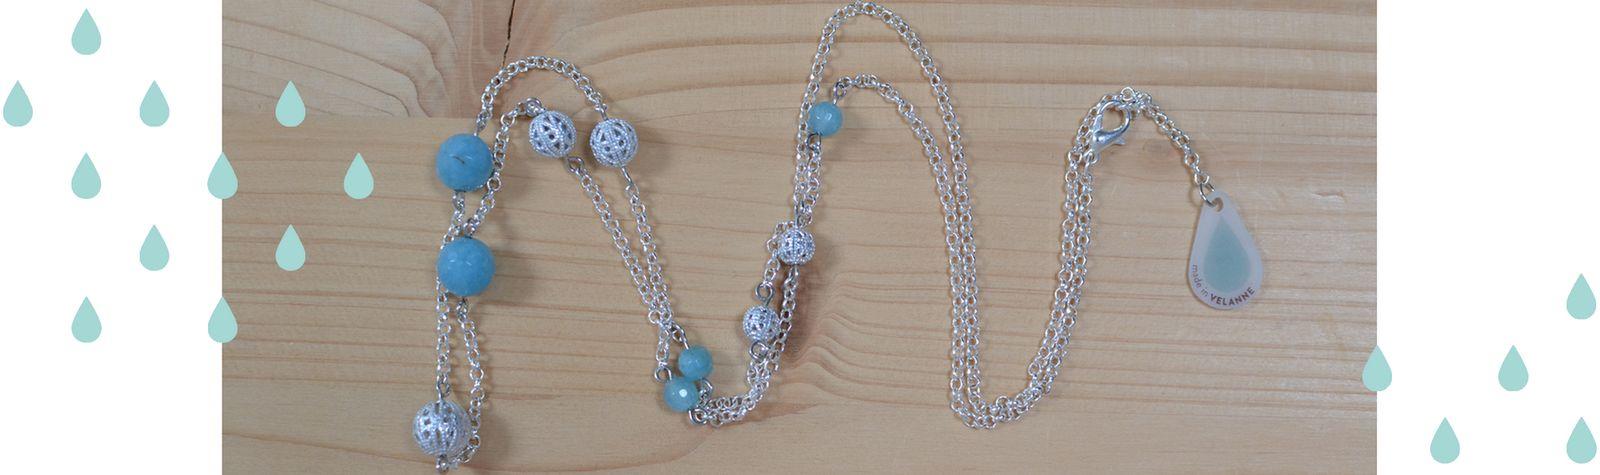 Sautoir argenté et perles en quartz bleu #BDJ143